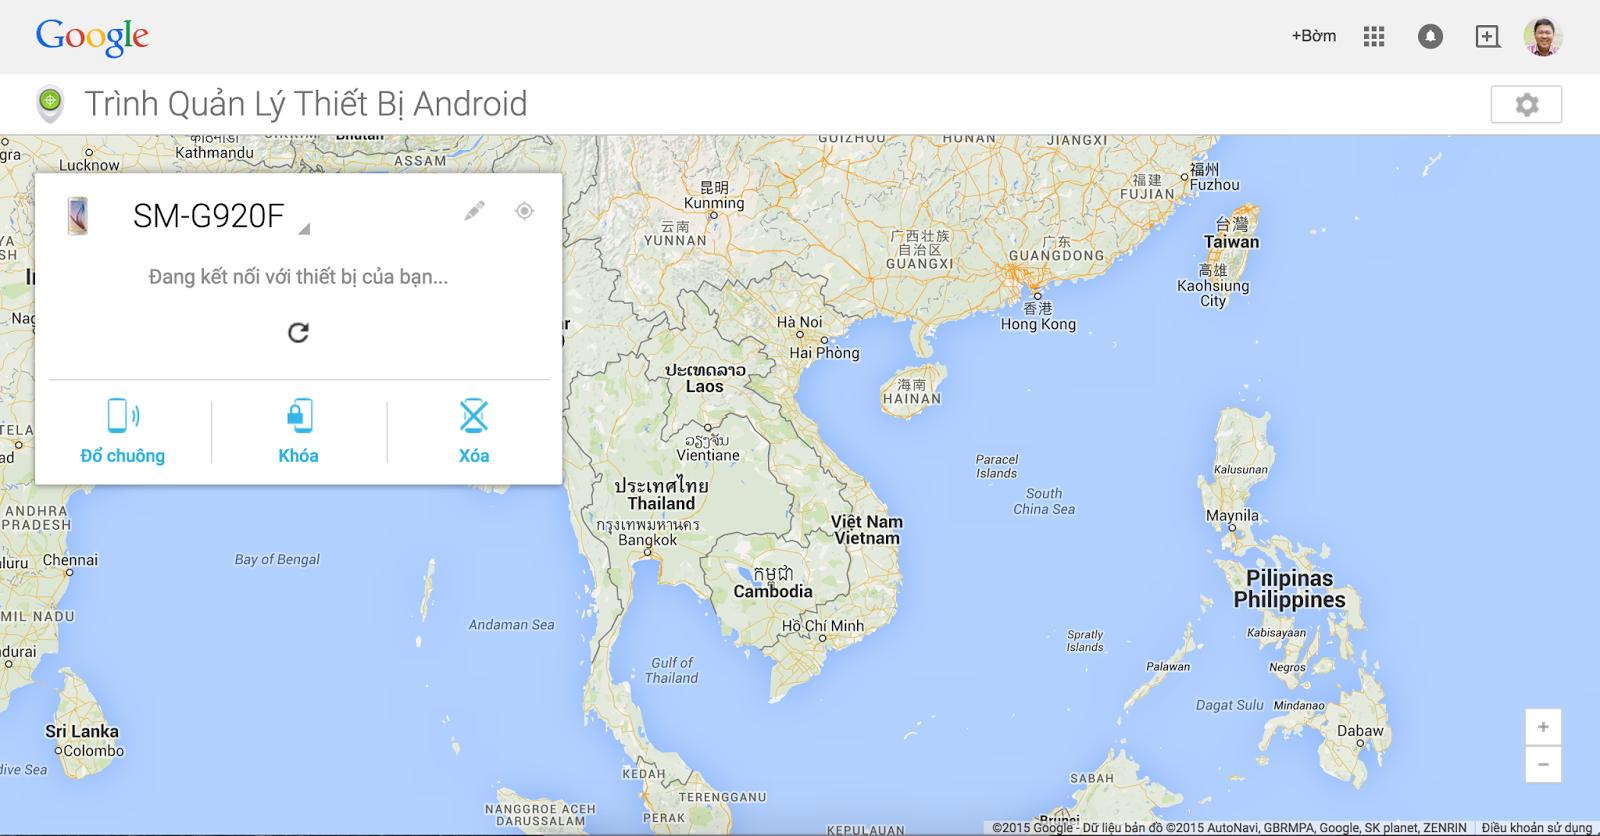 Tìm thiết bị Android bị mất bằng Google